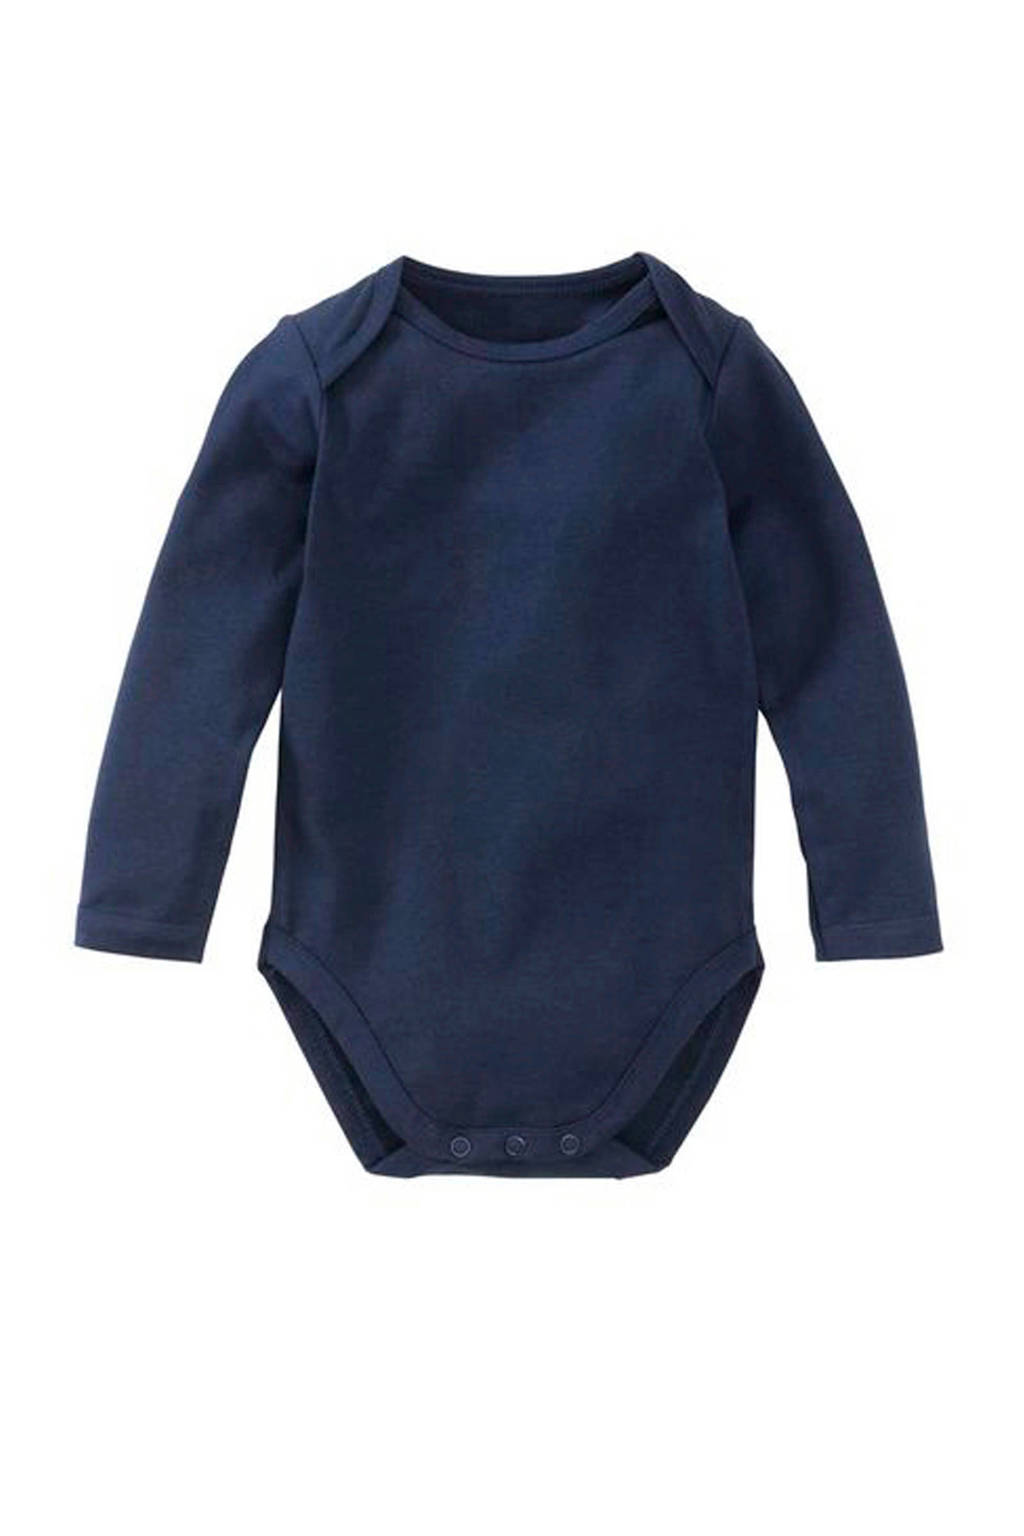 HEMA newborn baby romper donkerblauw, Donkerblauw, Lange mouw